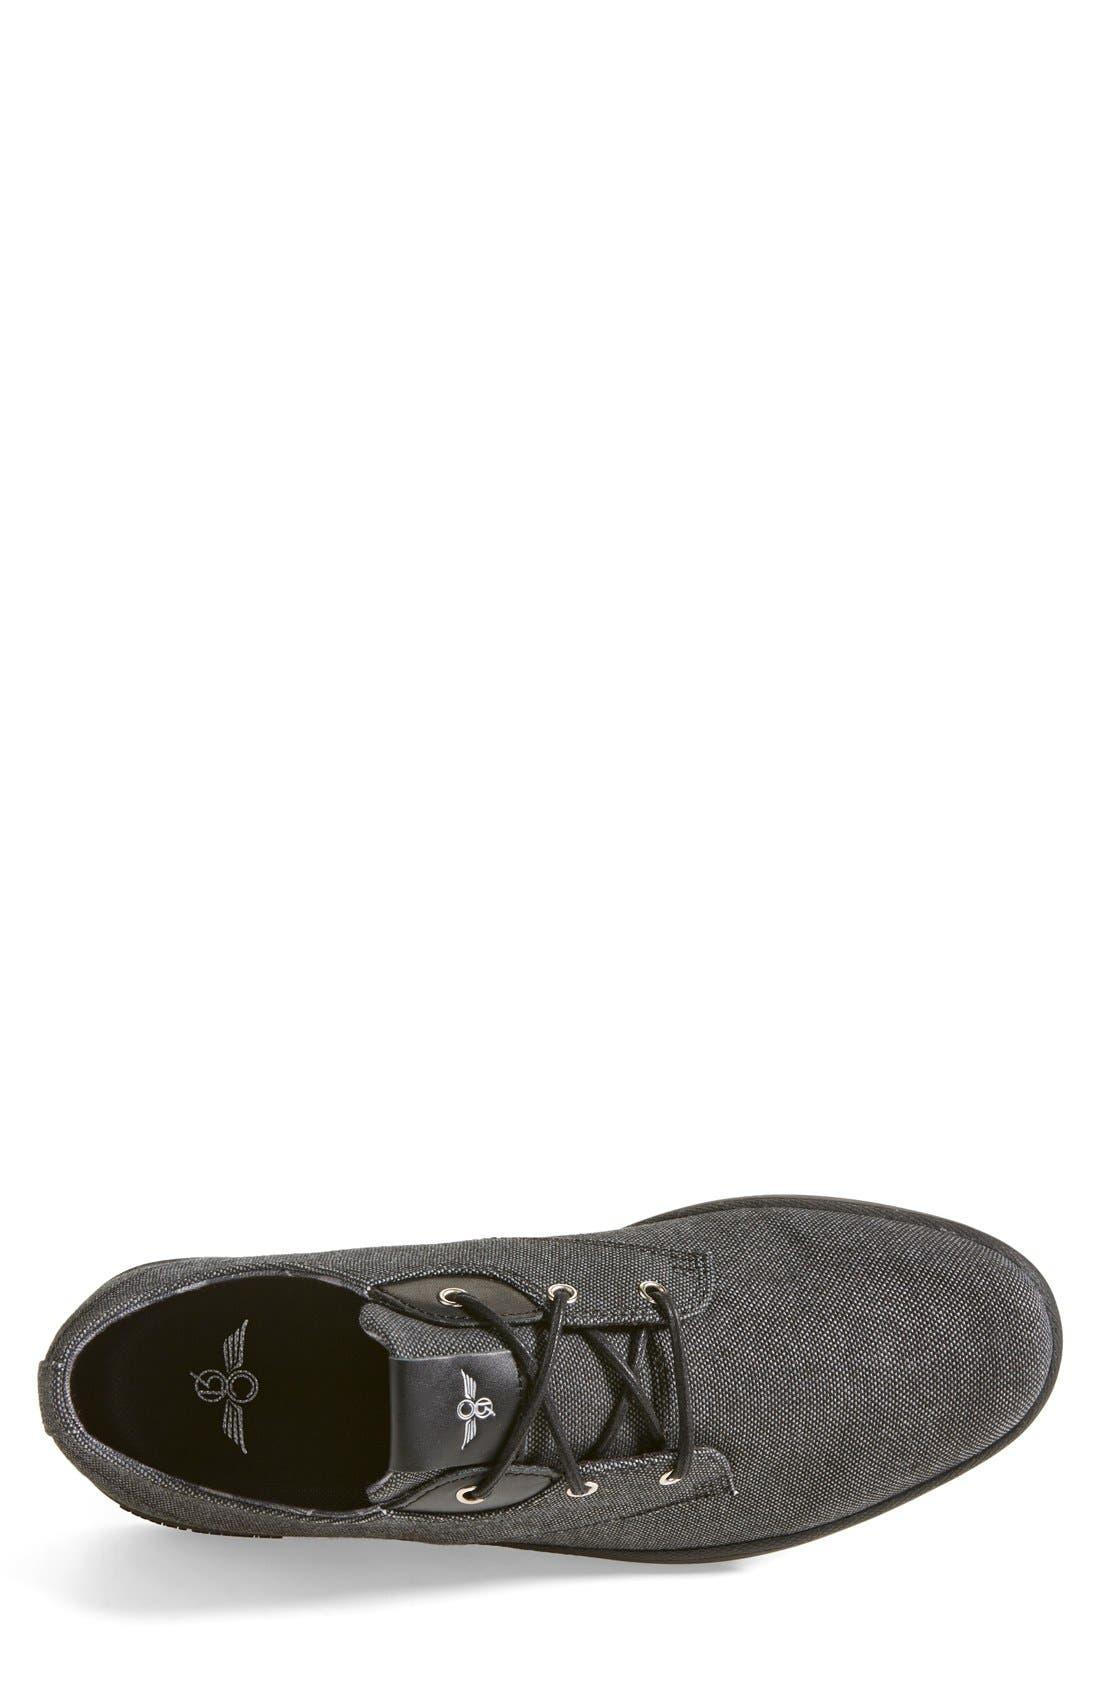 Alternate Image 3  - Creative Recreation 'Vito Lo' Woven Sneaker (Men)